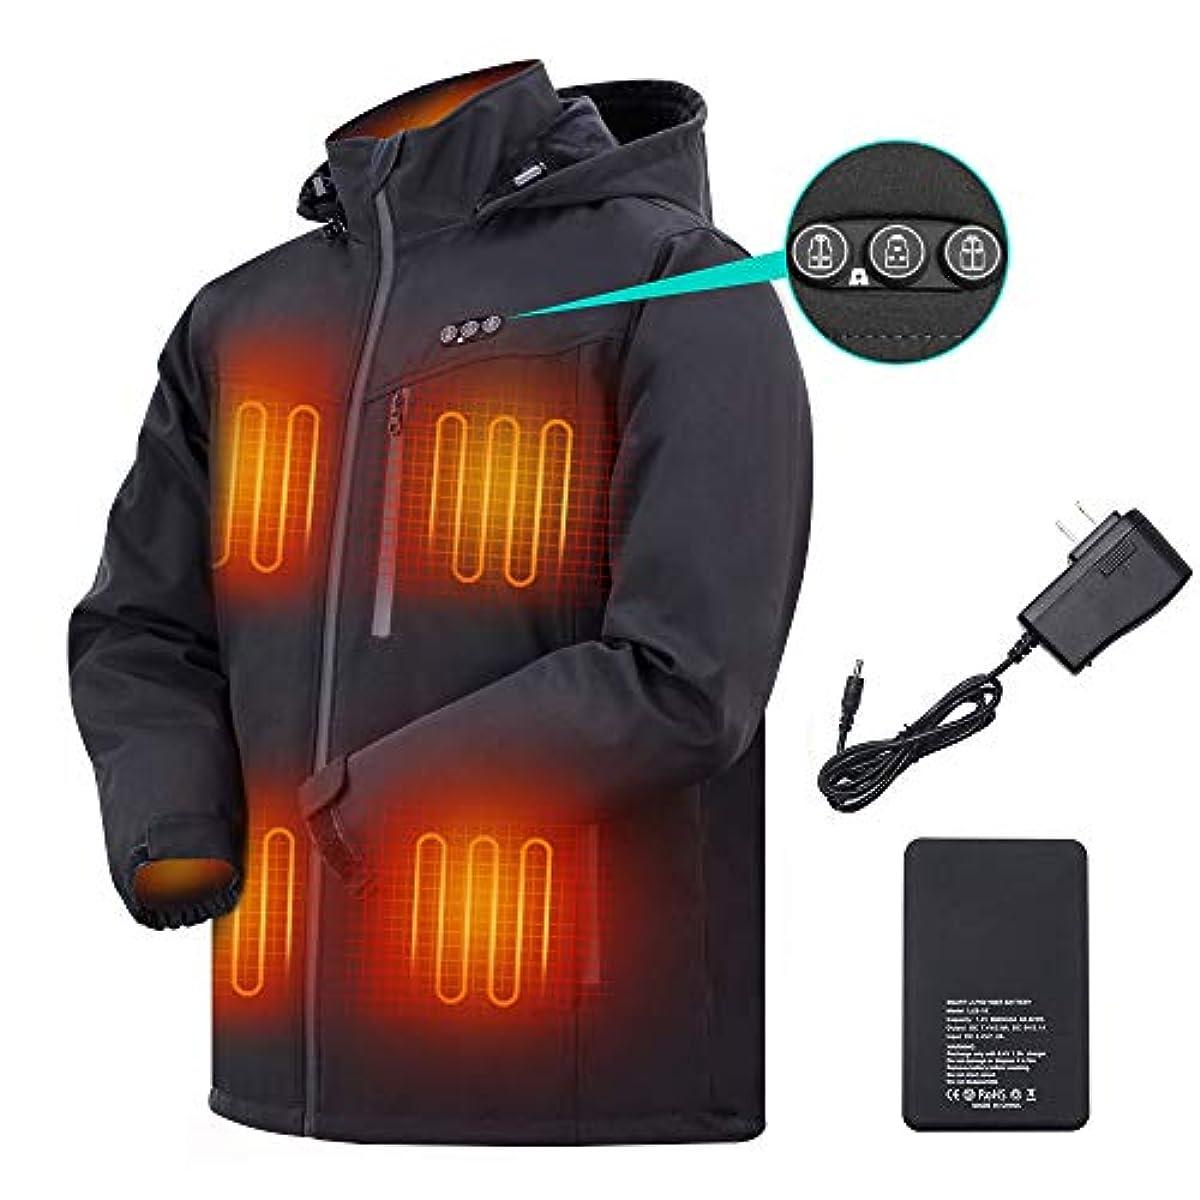 [해외] ARRIS 전열 재킷 8 매히터 코팅 전후 독립 온도 설정 5 단온도 조정 전열복 가열 7.4V배터리 첨부 와 긴 소매 후드 부착 방풍 방한 아웃도어 오토바이 등산